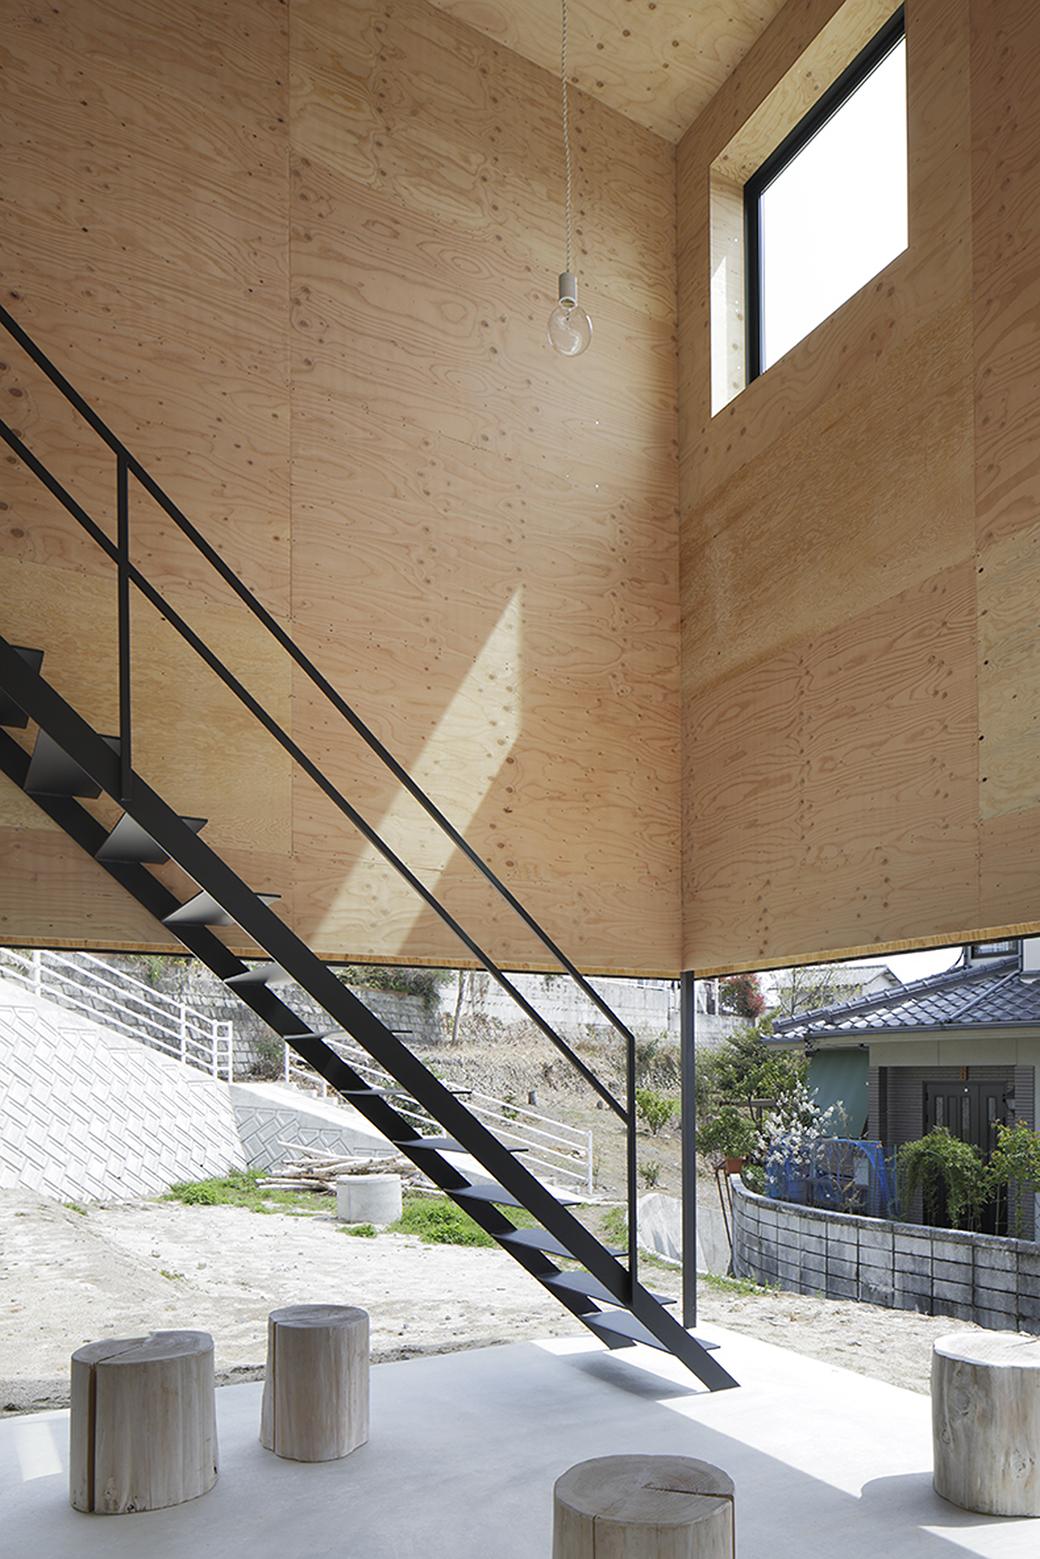 540ea187c07a808f0a000157_house-in-miyake-hidetaka-nakahara-architects-yoshio-ohno-architects_oono_miyake_140407_024